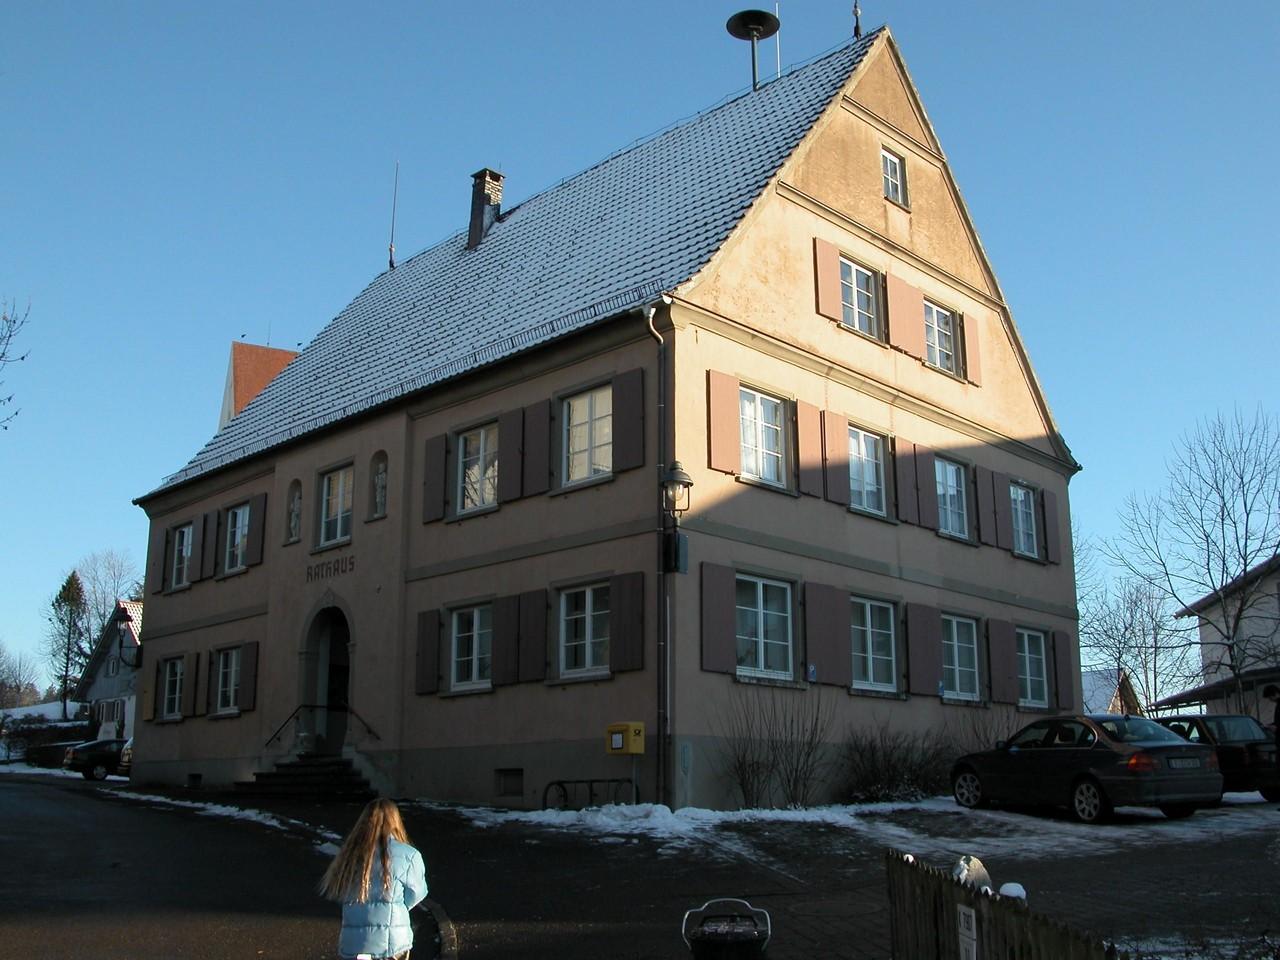 Orttsverwaltung Gebrazhofen